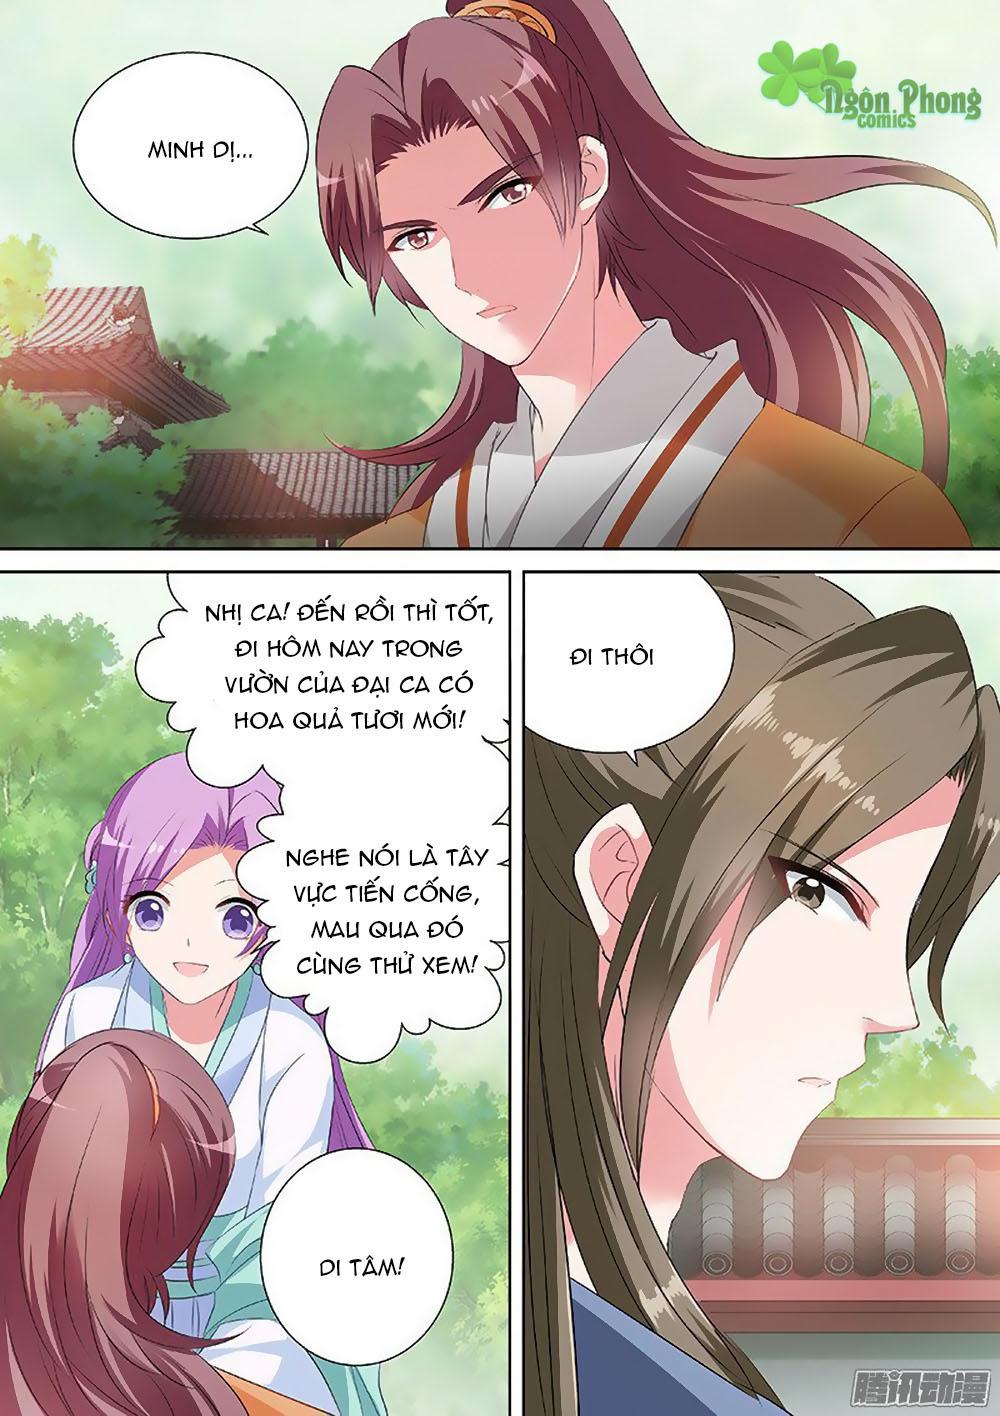 Hệ Thống Chế Tạo Nữ Thần chap 31 - Trang 5